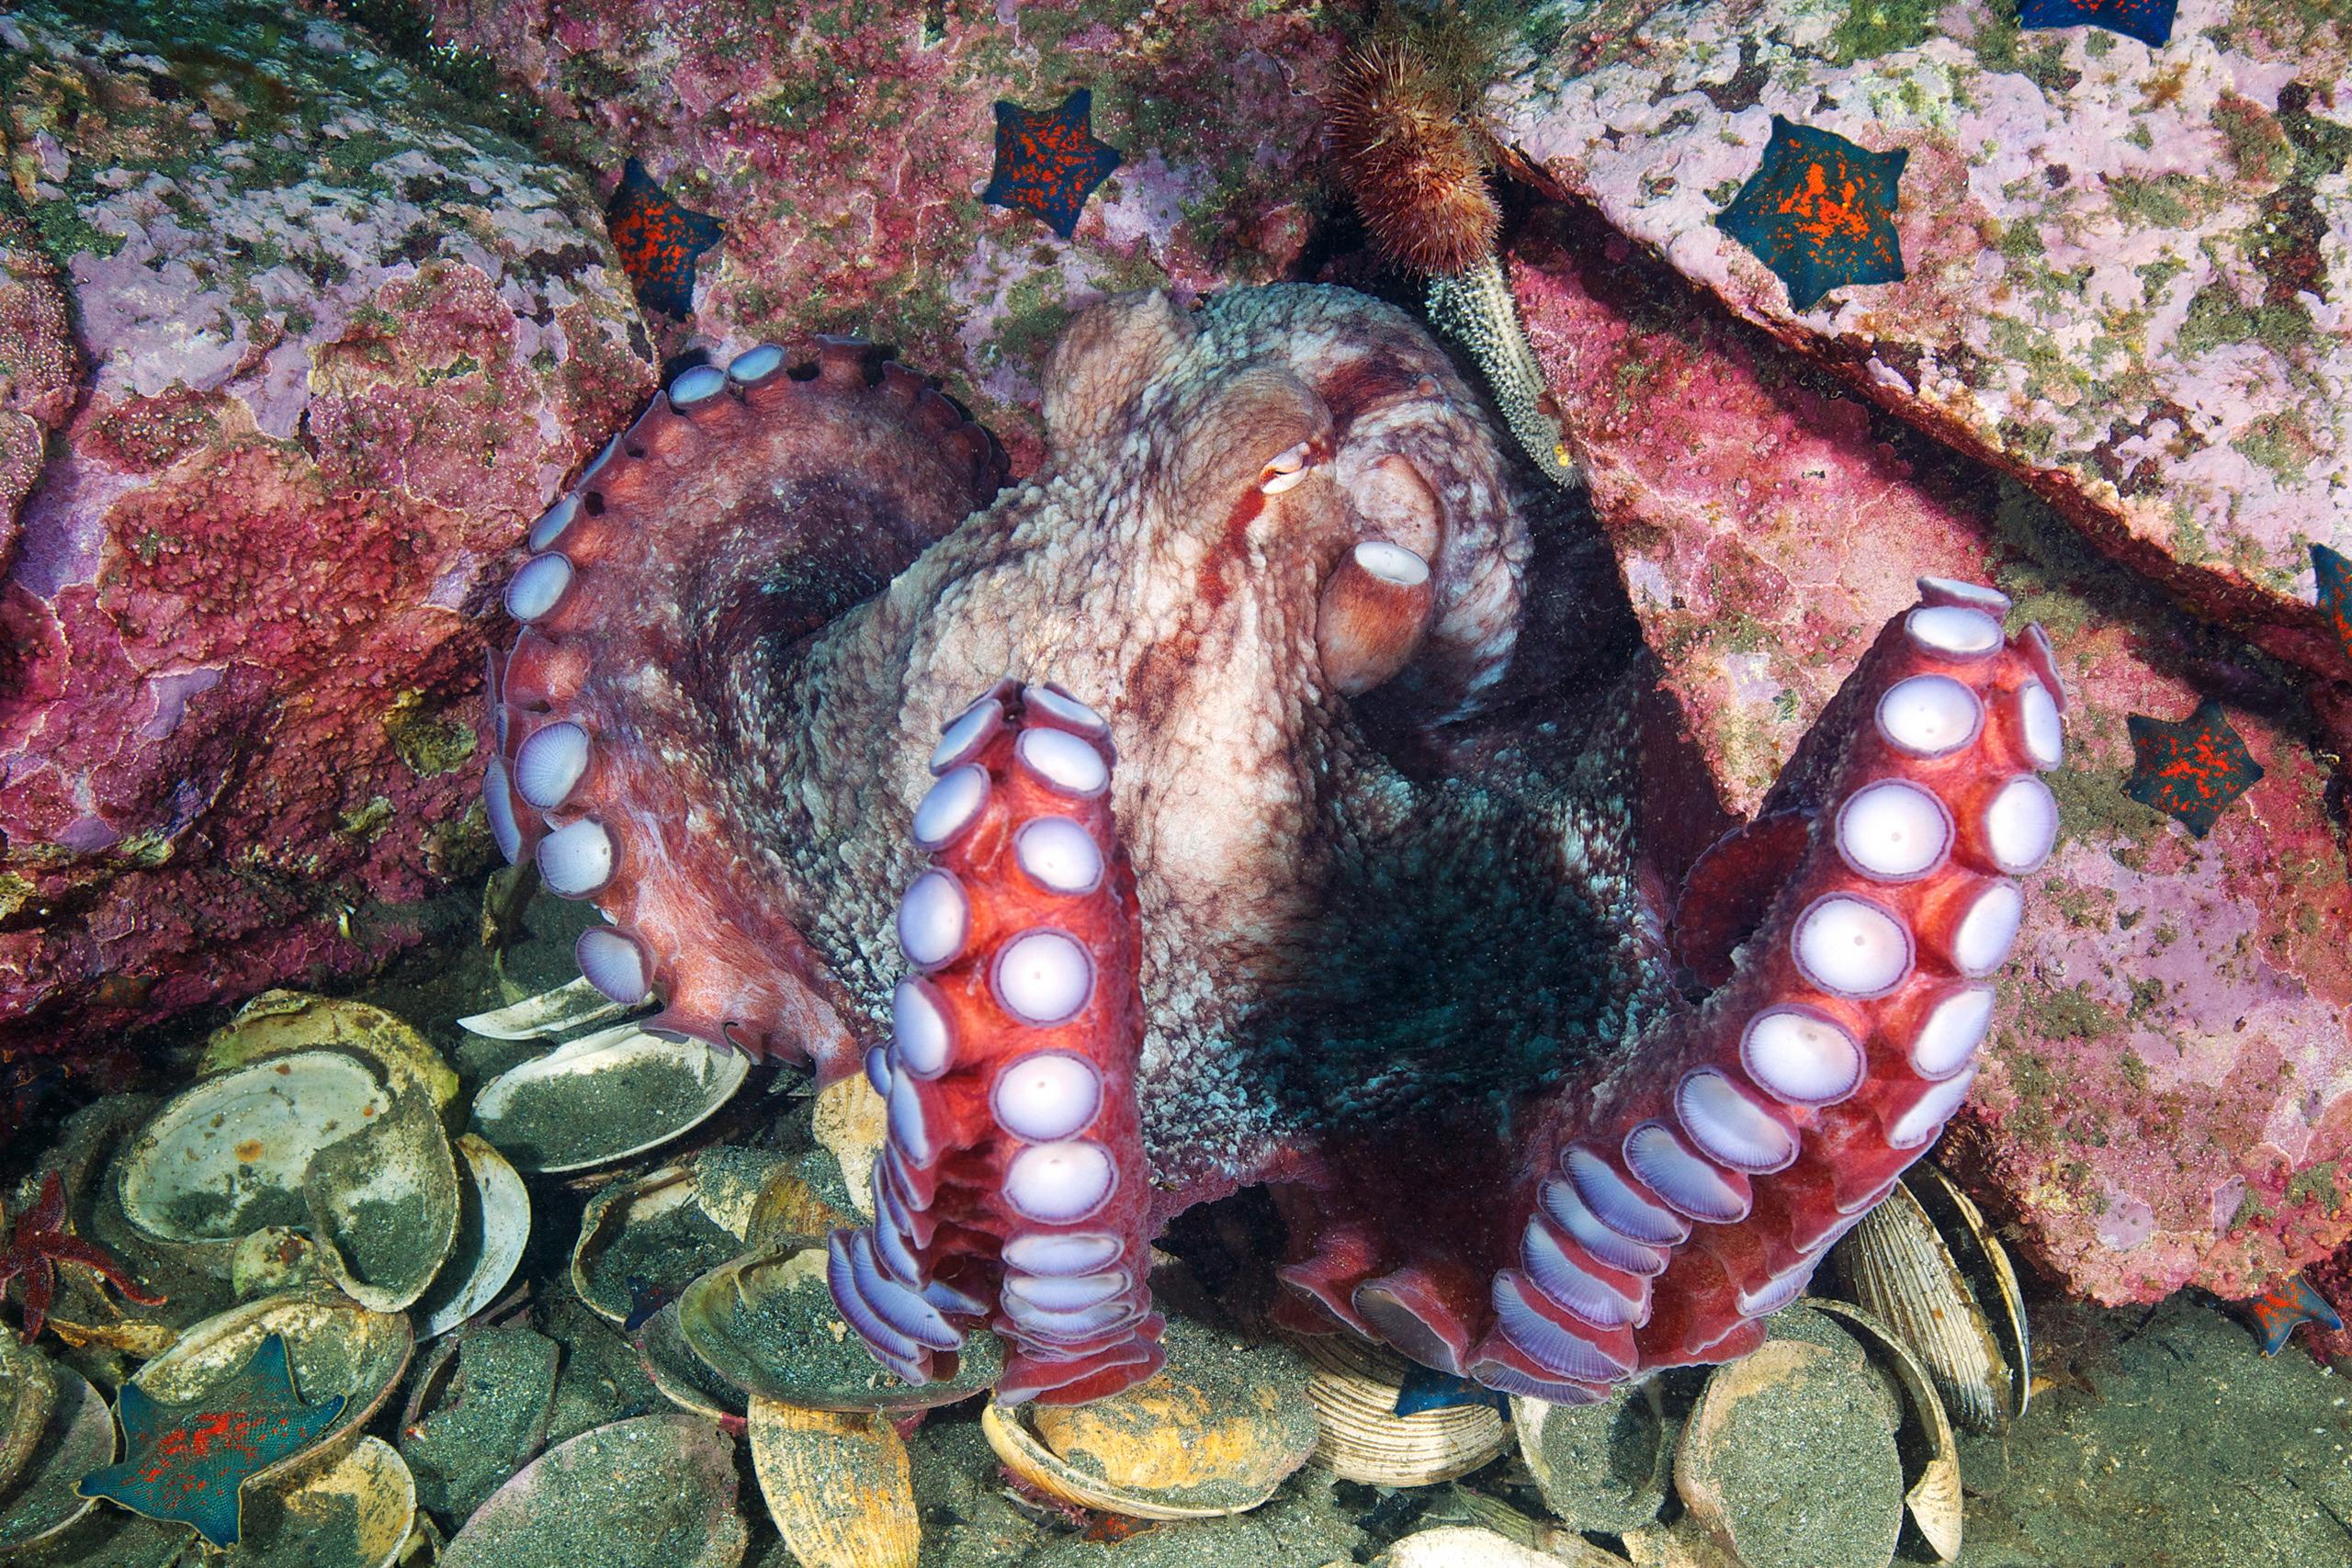 Cephalopoda – Giant pacific octopus – Enteroctopus dofleini 21 (1)